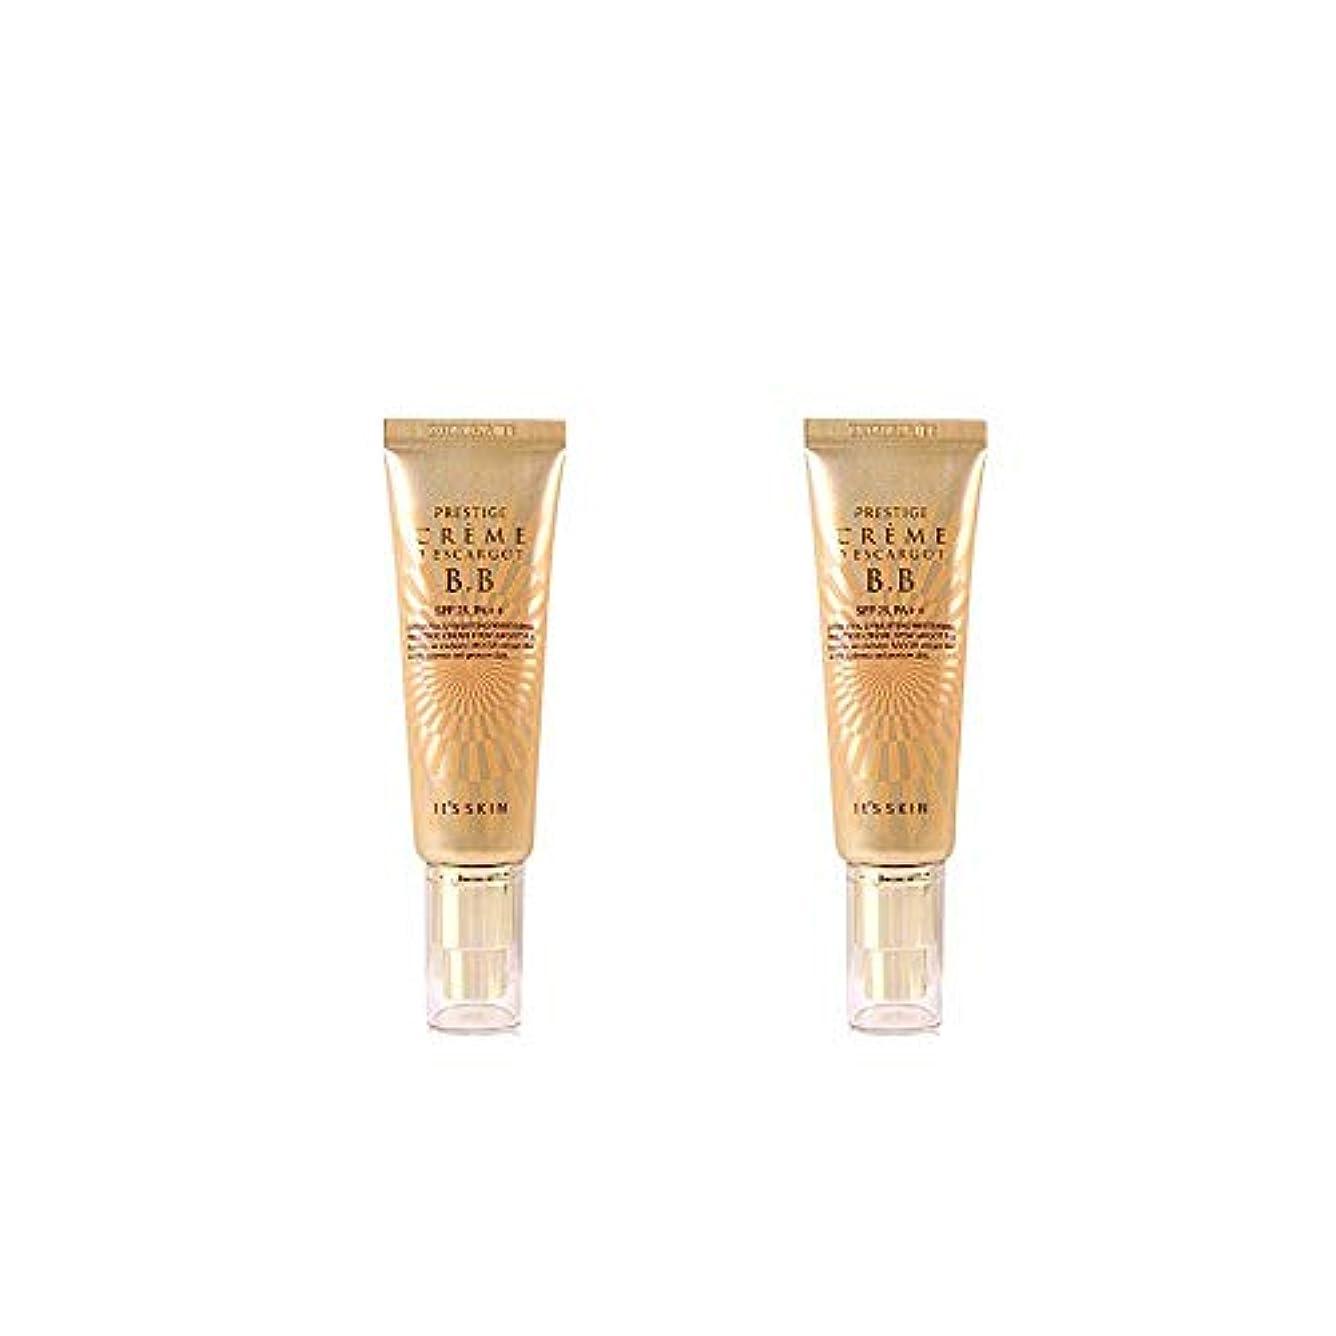 決済エミュレートするオーバーランIt's skin(イッツスキン) かたつむり成分配合 プレステージ クリーム エスカルゴ BB SPF25 PA++50ml*2EA